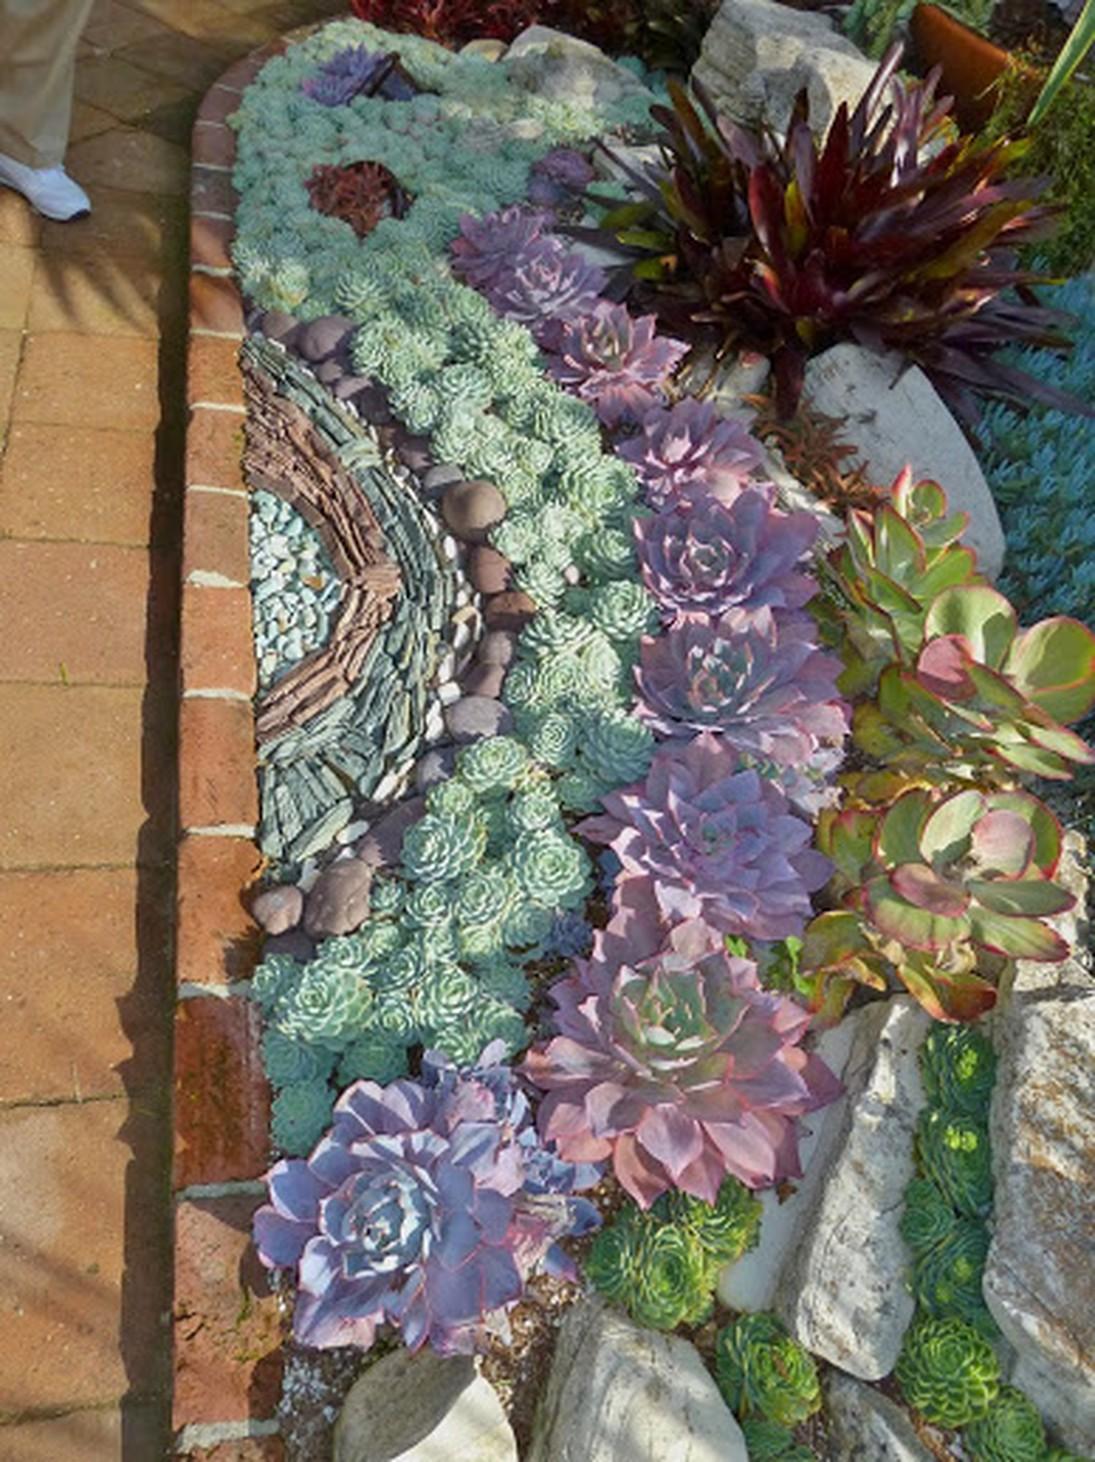 Succulent Garden Ideas a desert friendly oasis 19 By A River Stream